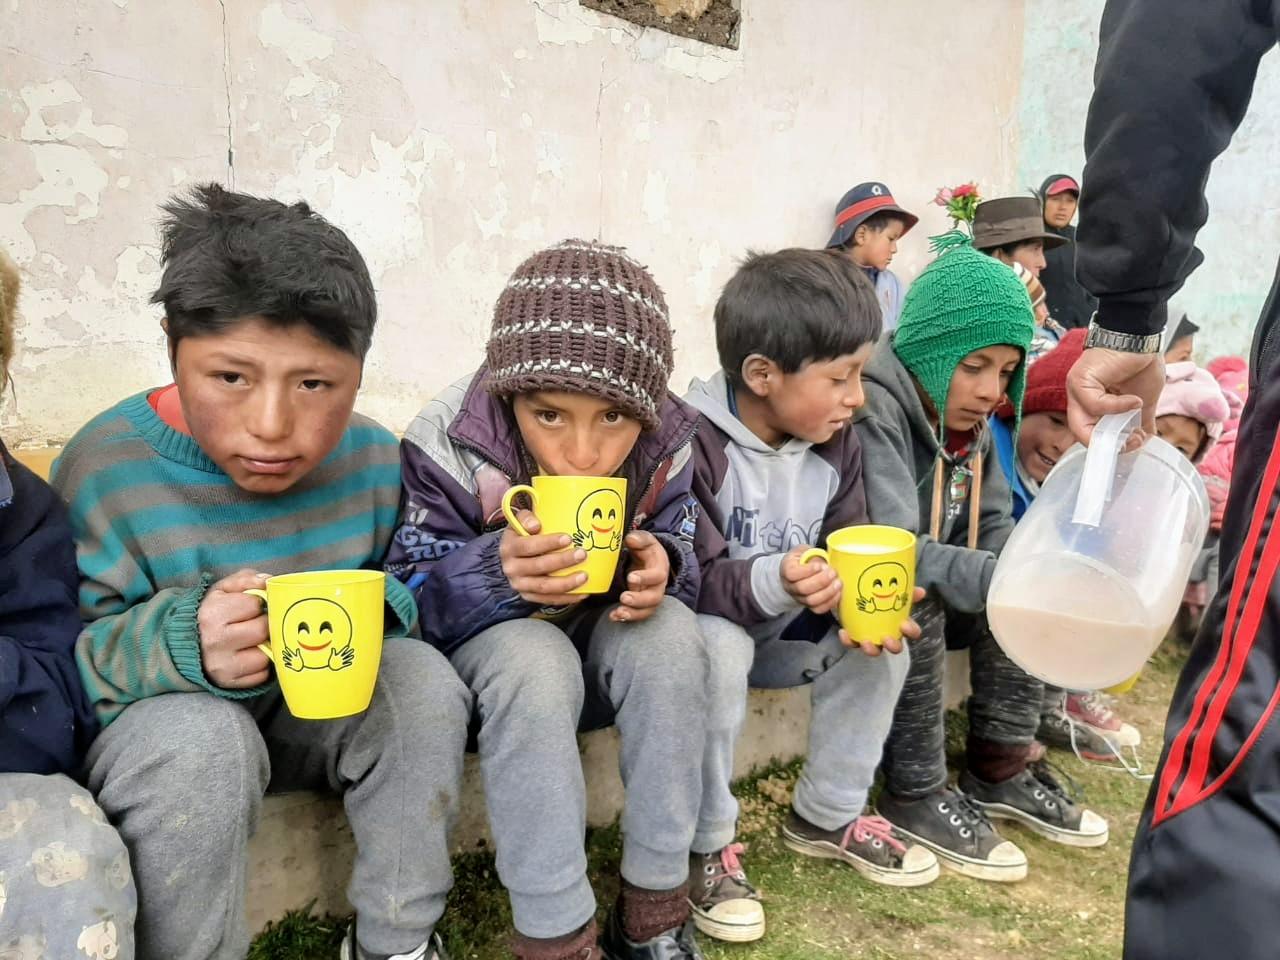 Children Drinking Chocolate Milk